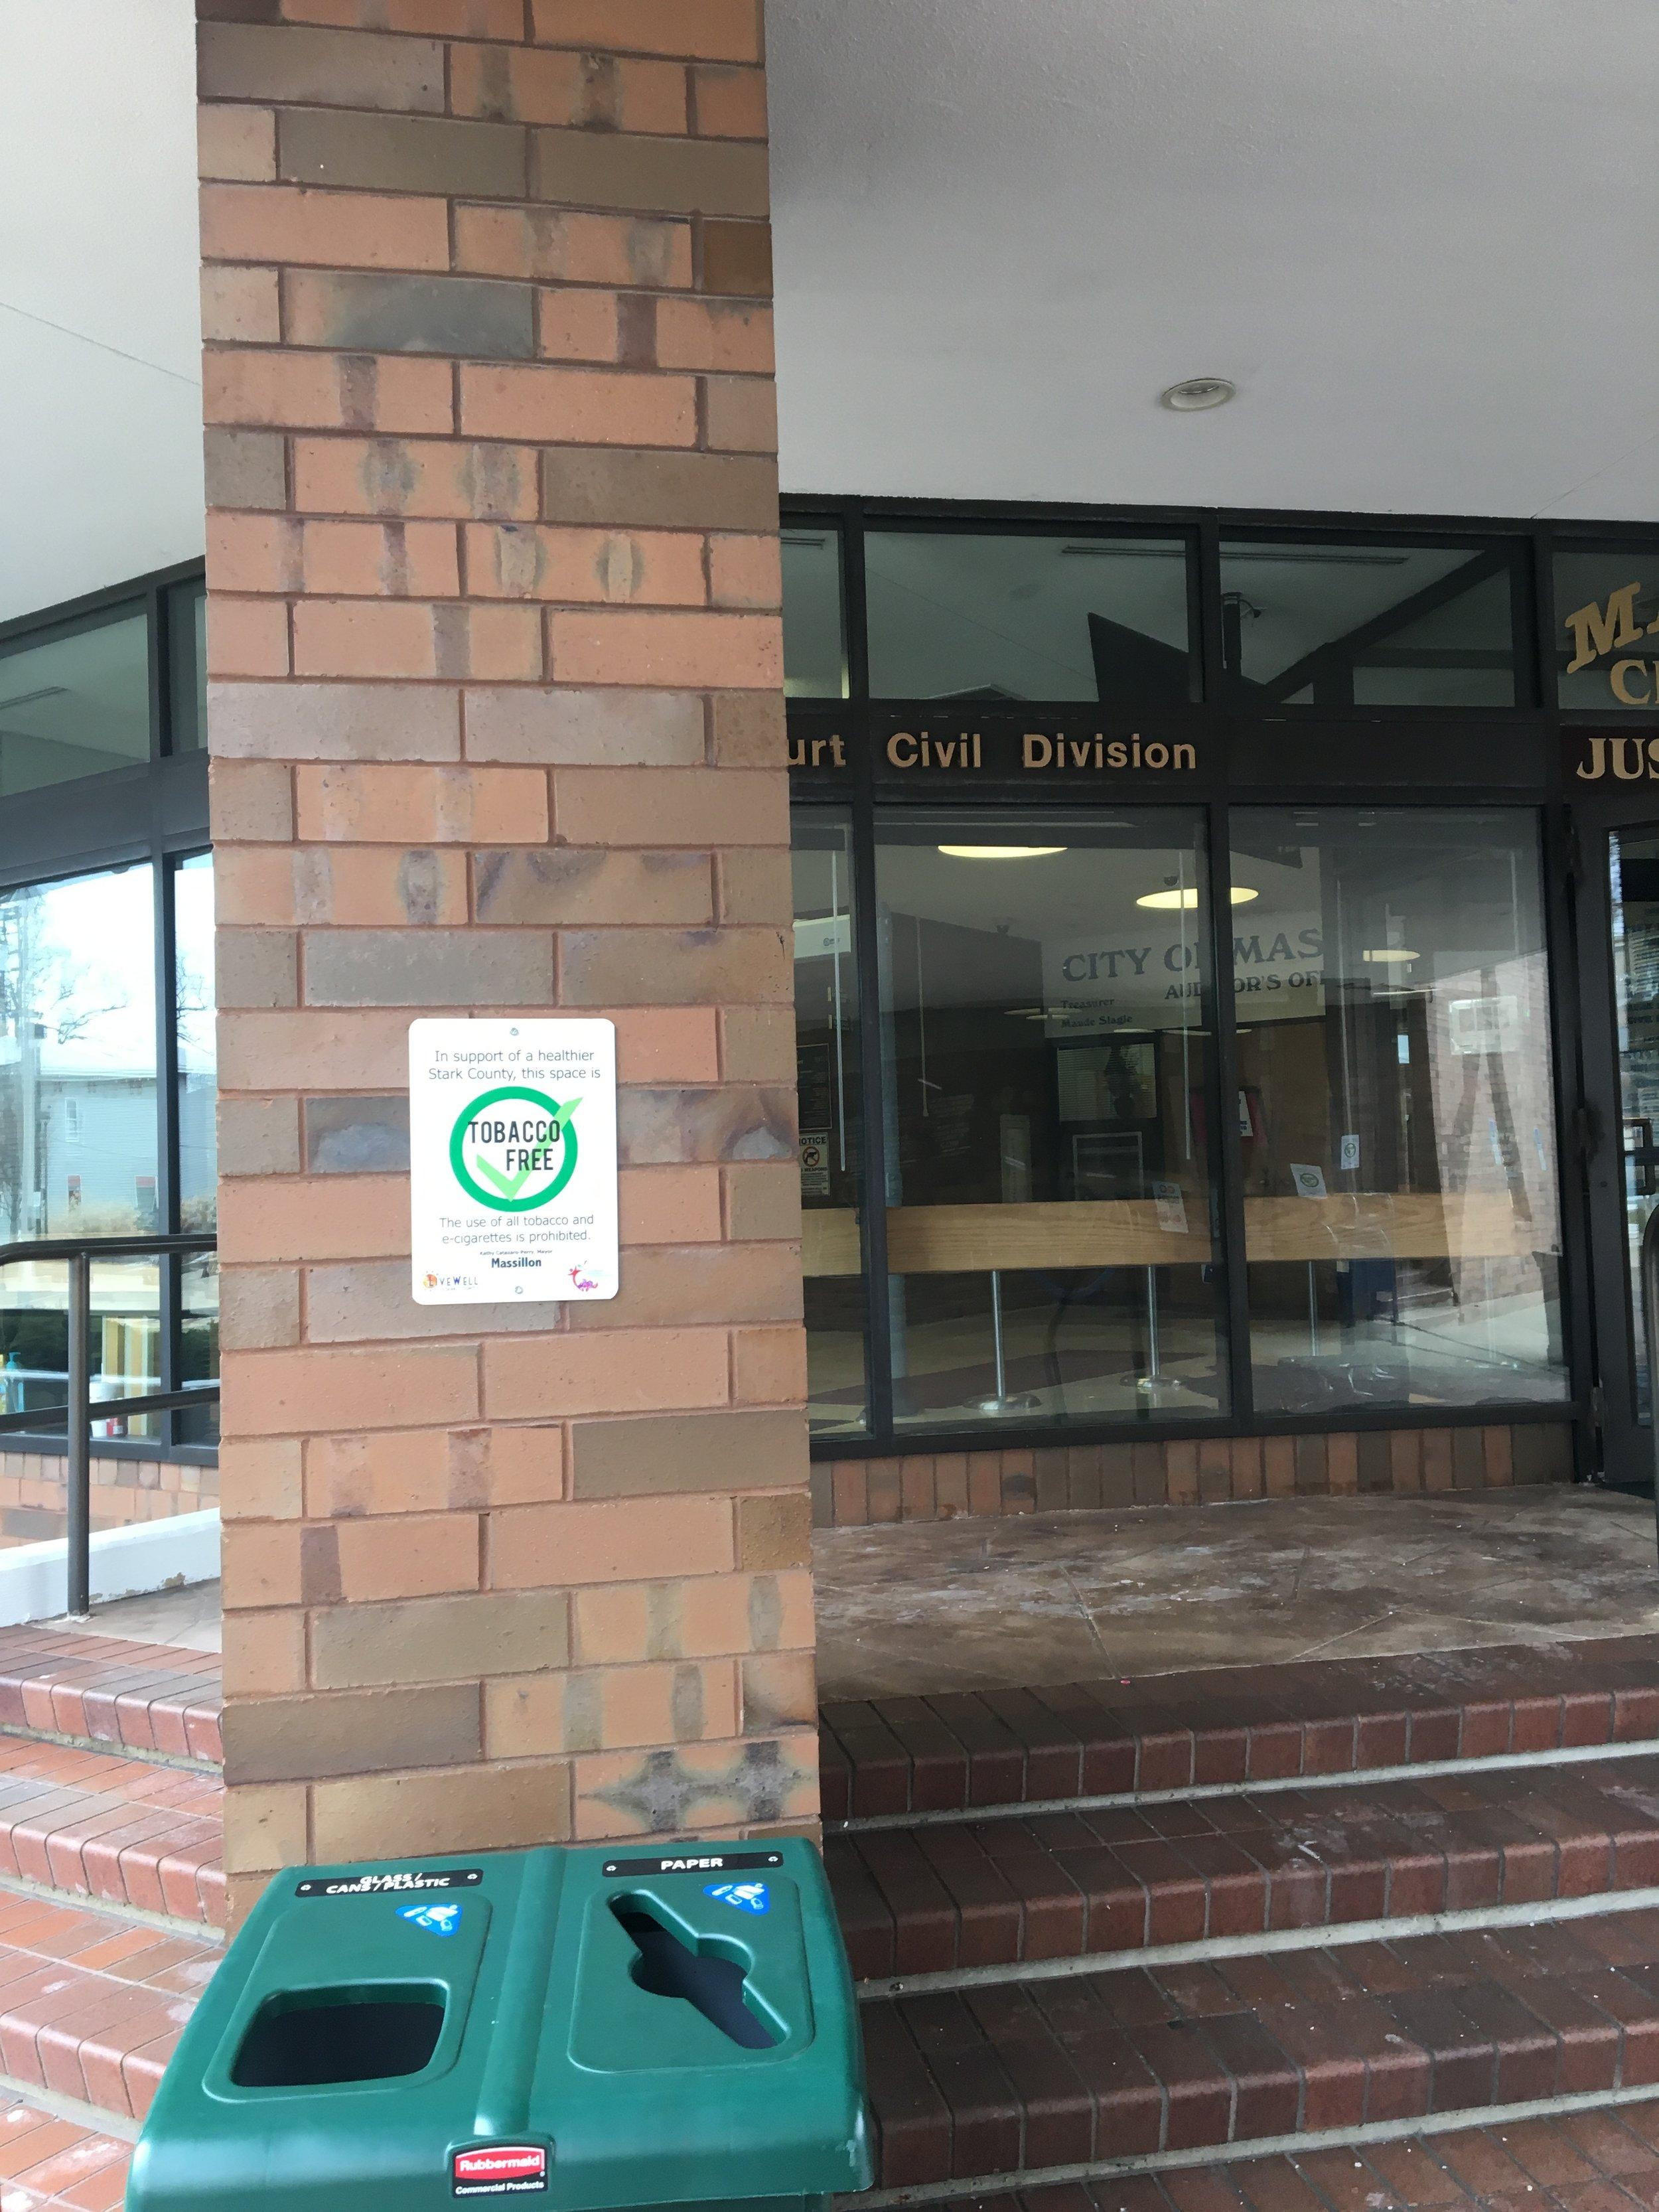 ROW 48 - Tobacco Free Policy at Duncan Plaza_2.jpeg